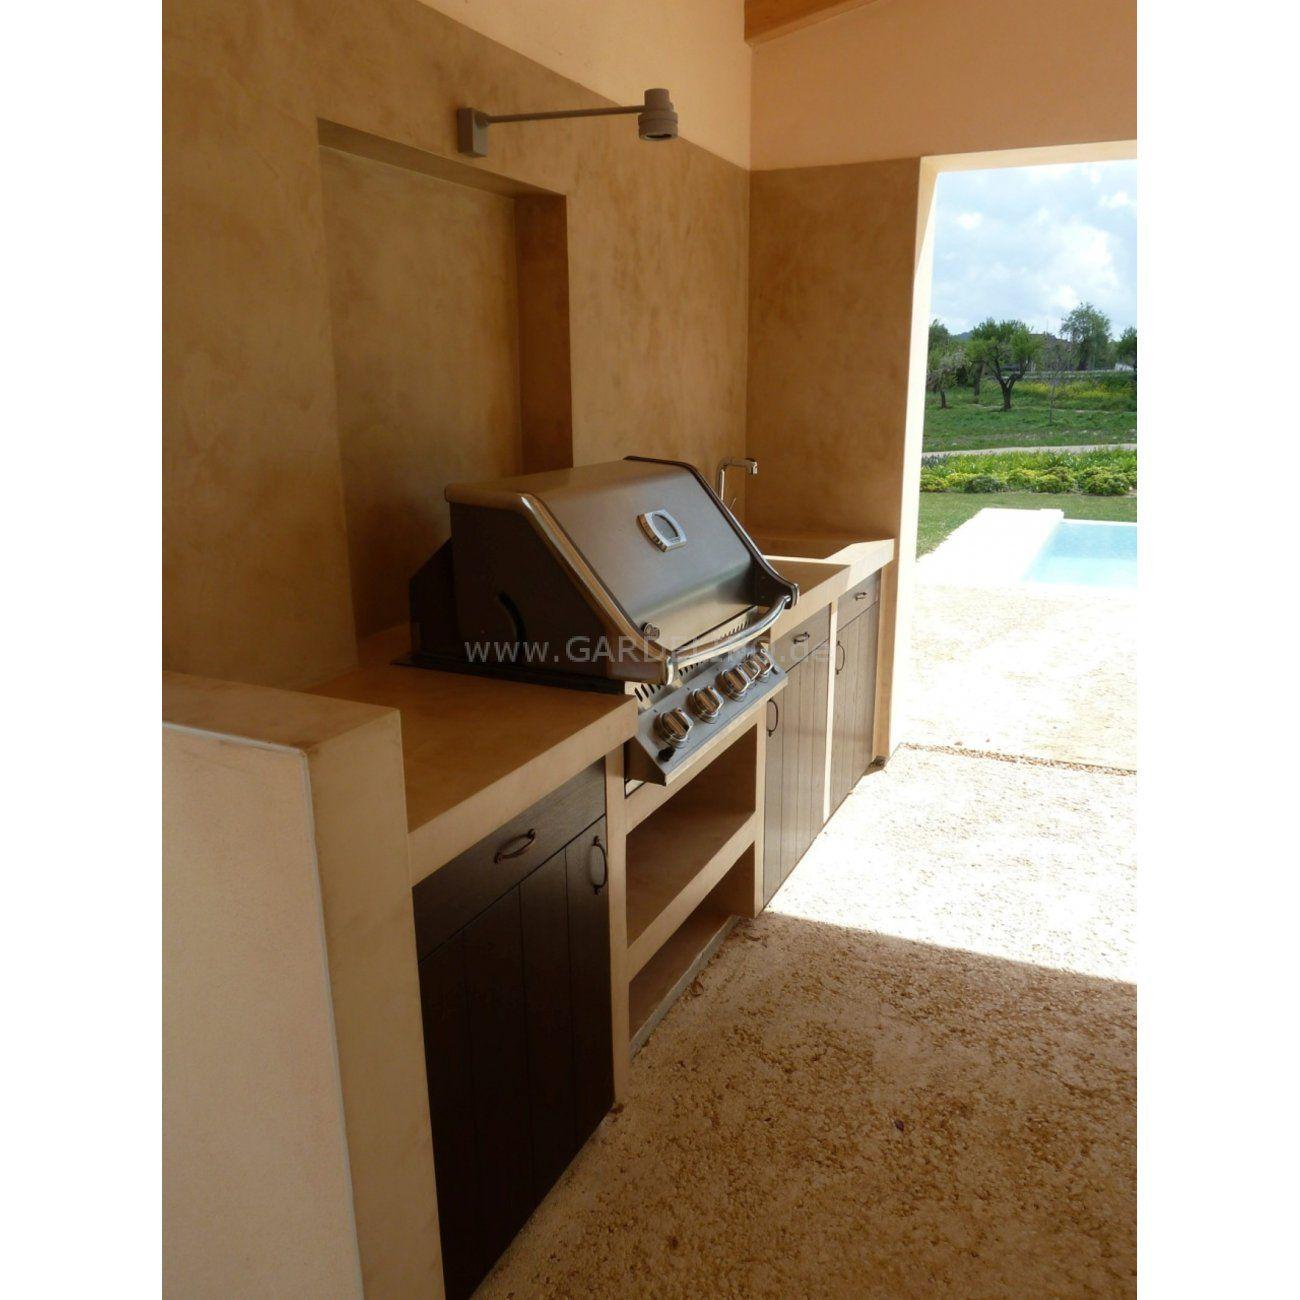 Mediterrane Napoleon Außenküche auf Mallorca mit Überdachung